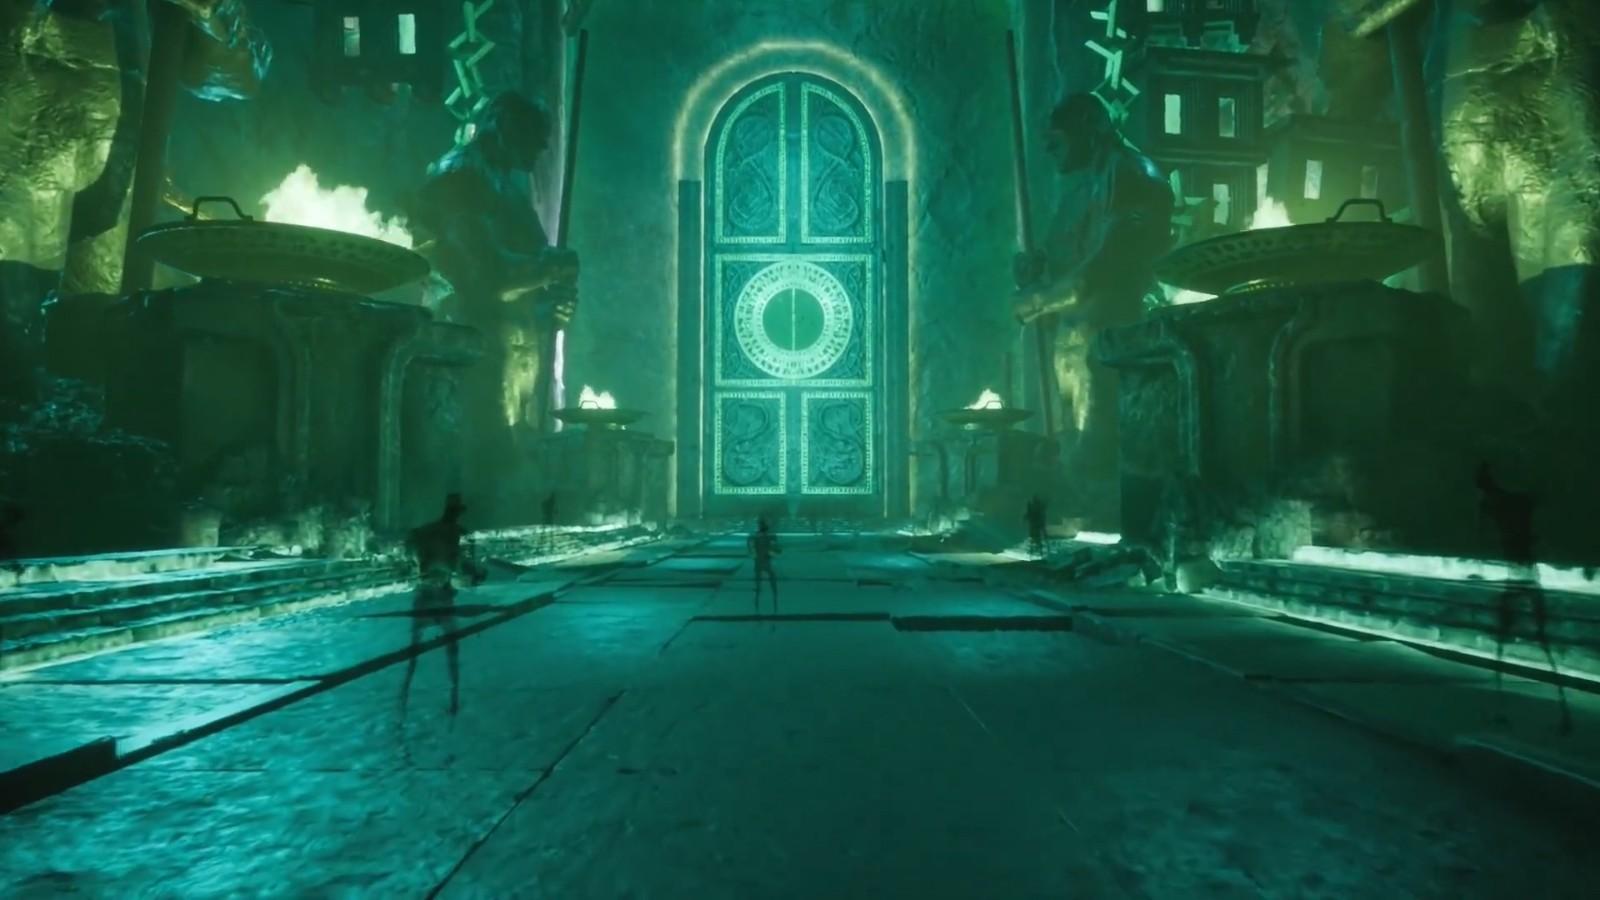 恐怖游戏《阿普索夫:诸神终结》今夏登陆主机 揭秘北欧神话